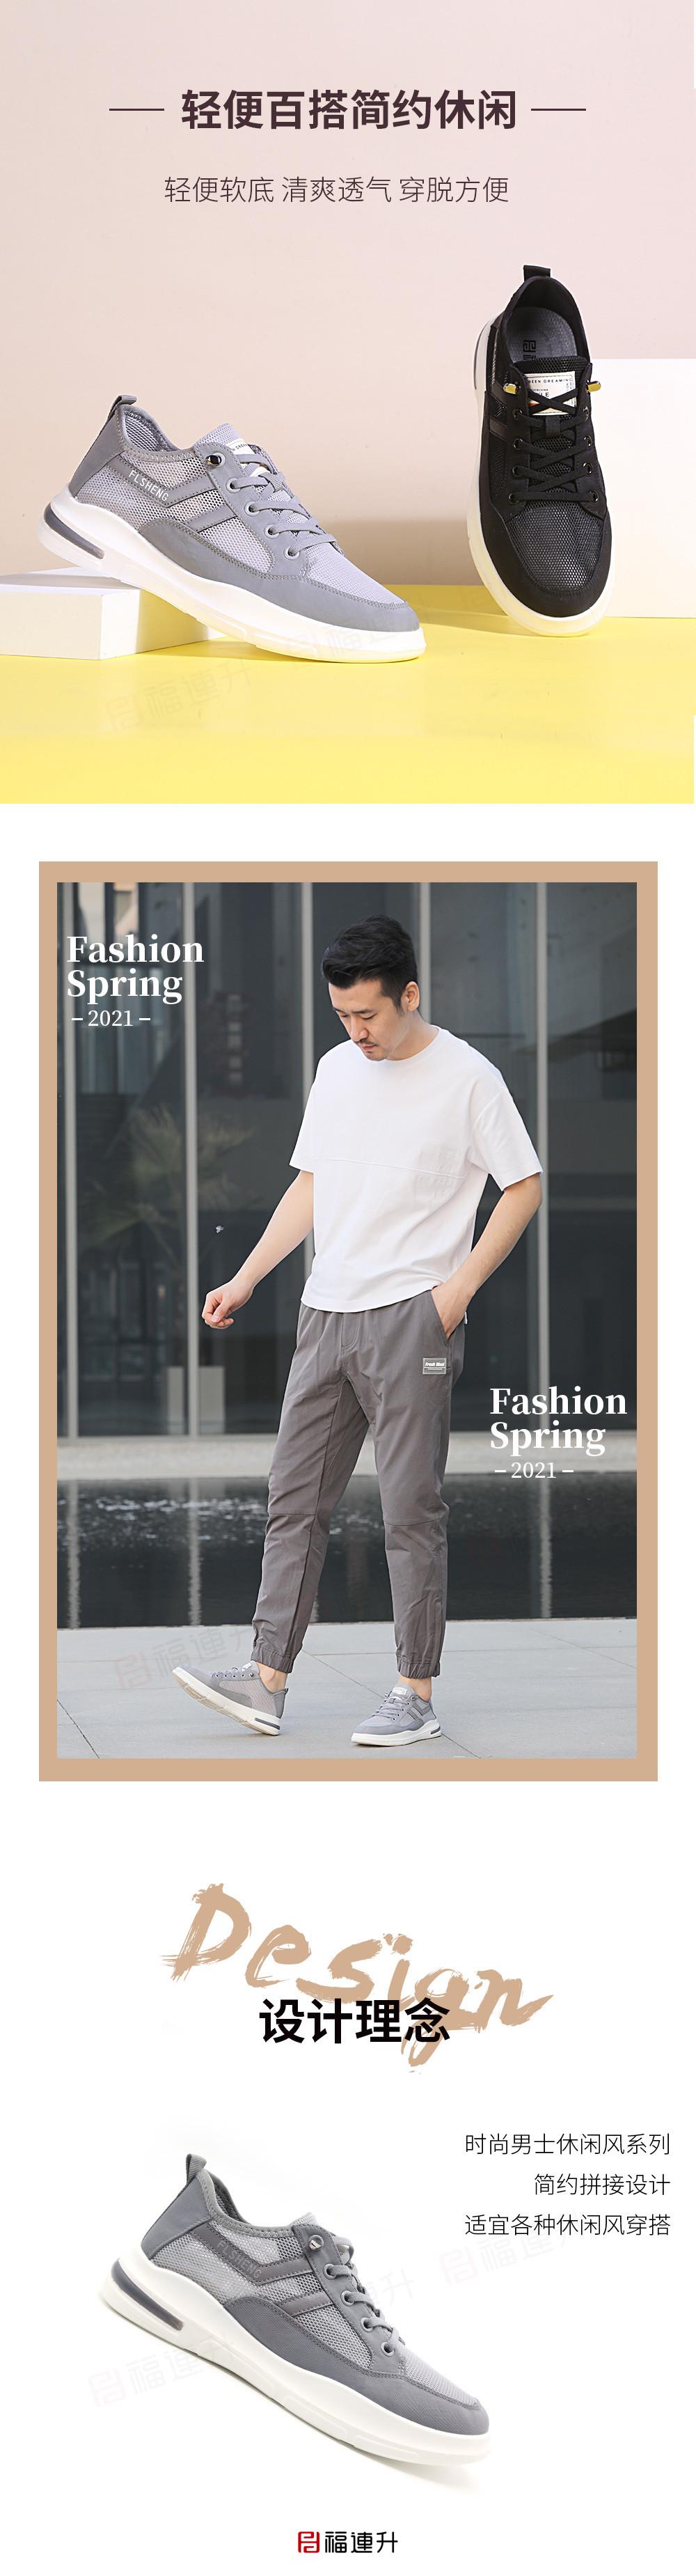 福連升夏季休閑板鞋網布舒適棉麻透氣系帶男鞋圖片